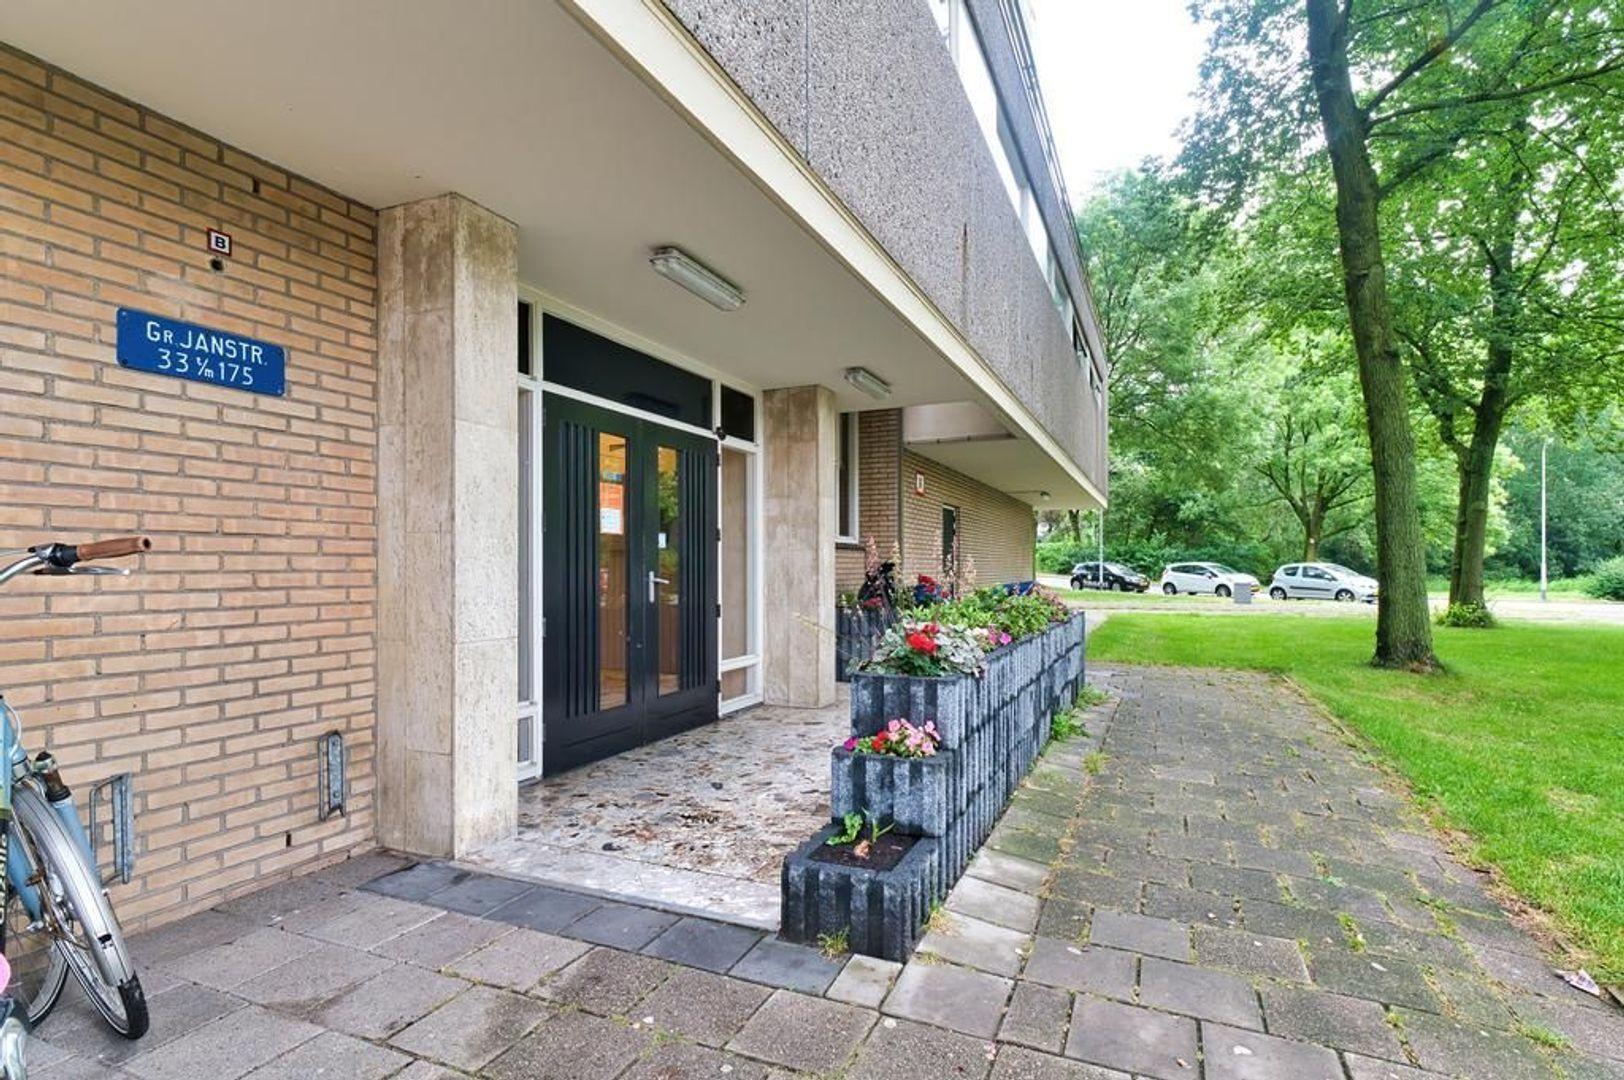 Graaf Janstraat 151, Zoetermeer foto-6 blur